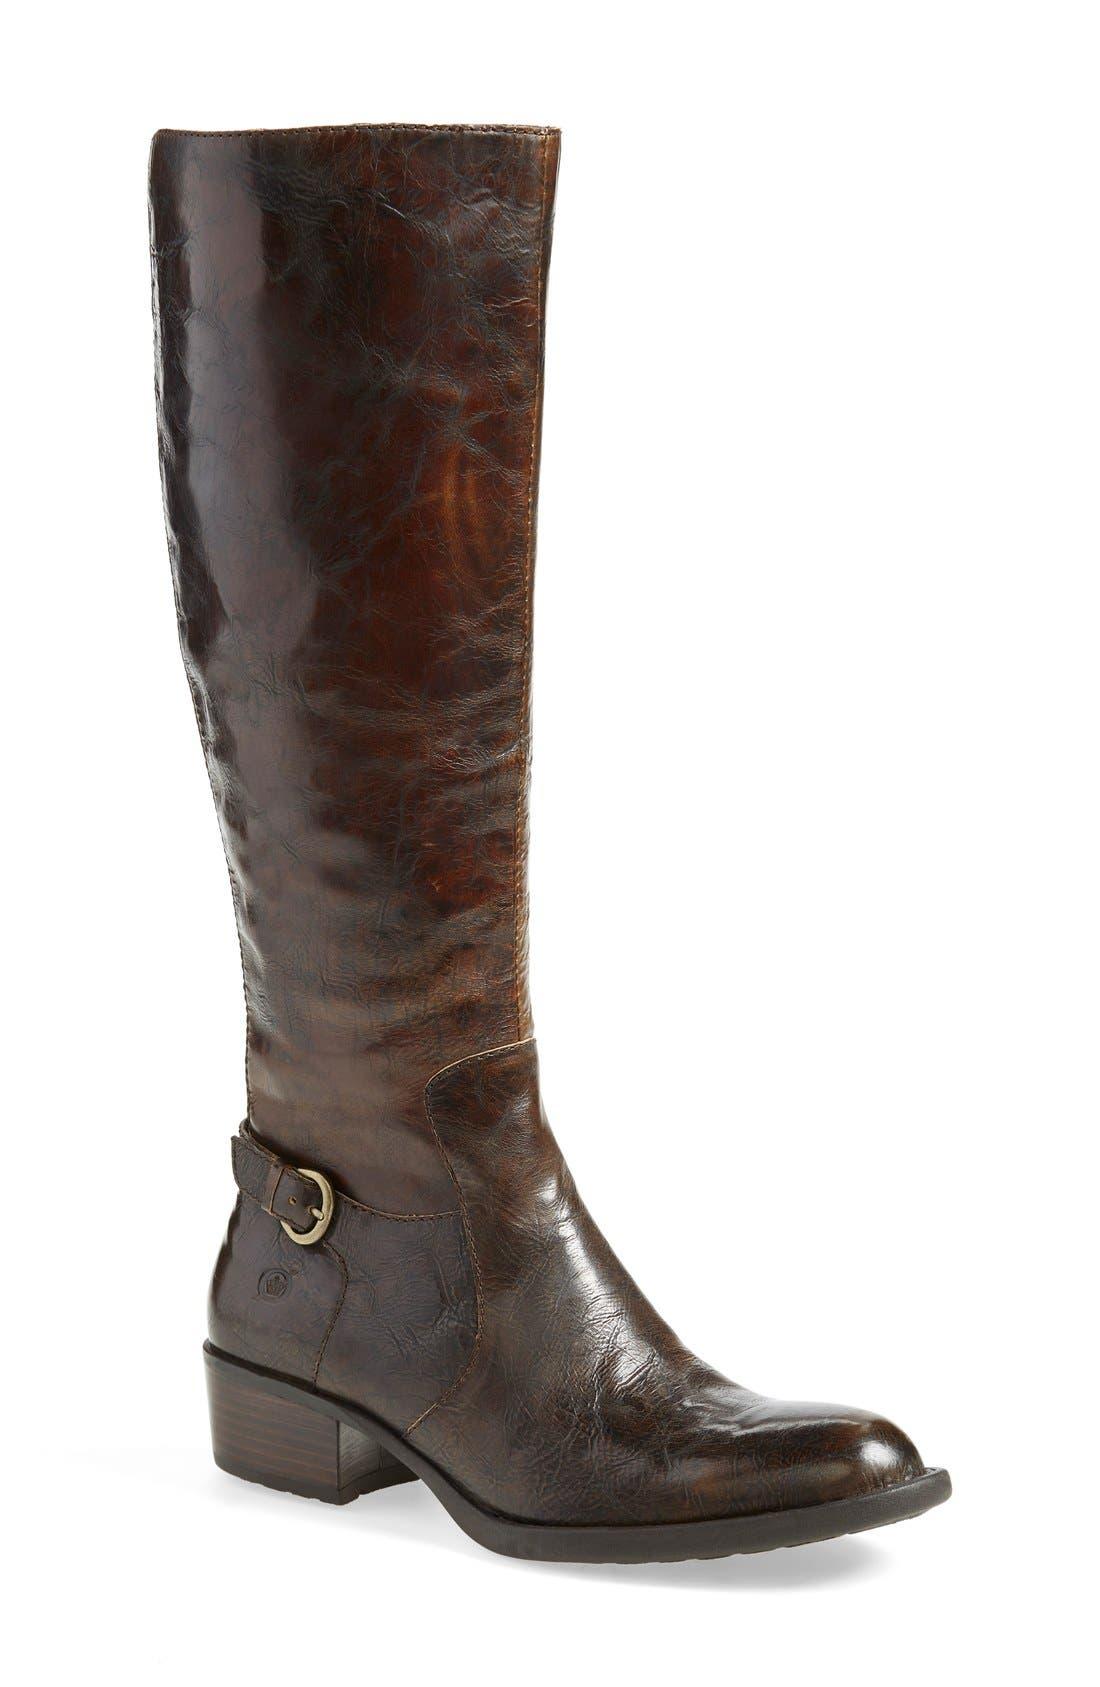 Alternate Image 1 Selected - Børn 'Helen' Boot (Women) (Wide Calf)